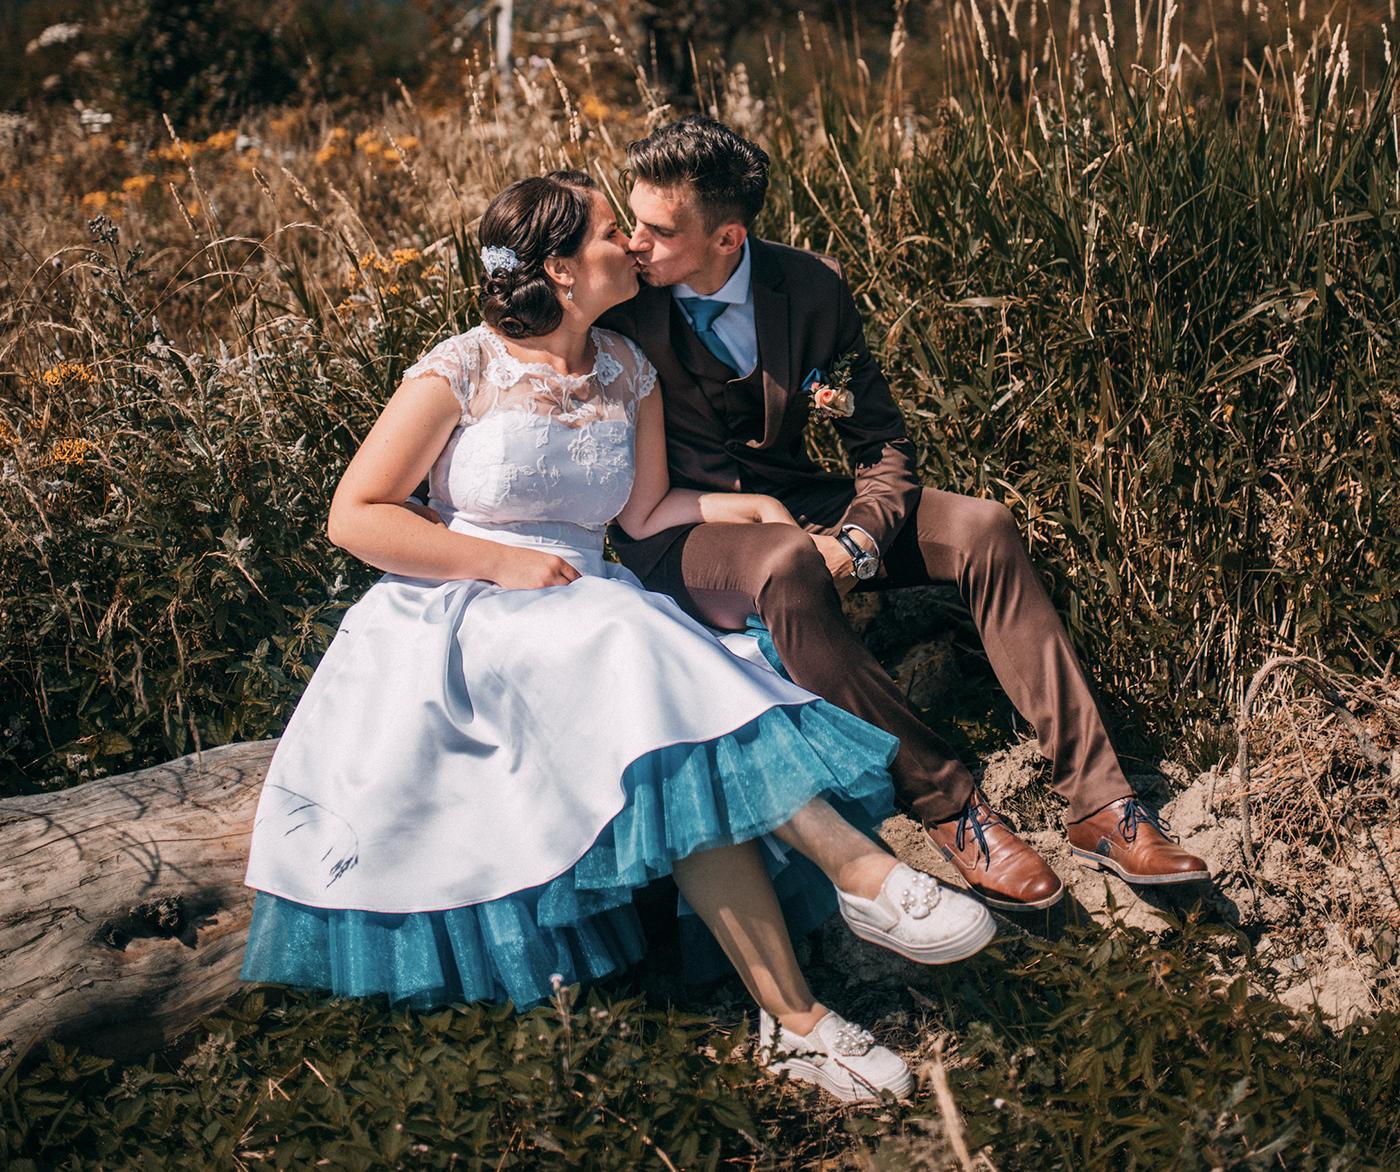 peter_a_lucia - Krátke svadobné šaty s farebnou spodnicou, hnedý oblek